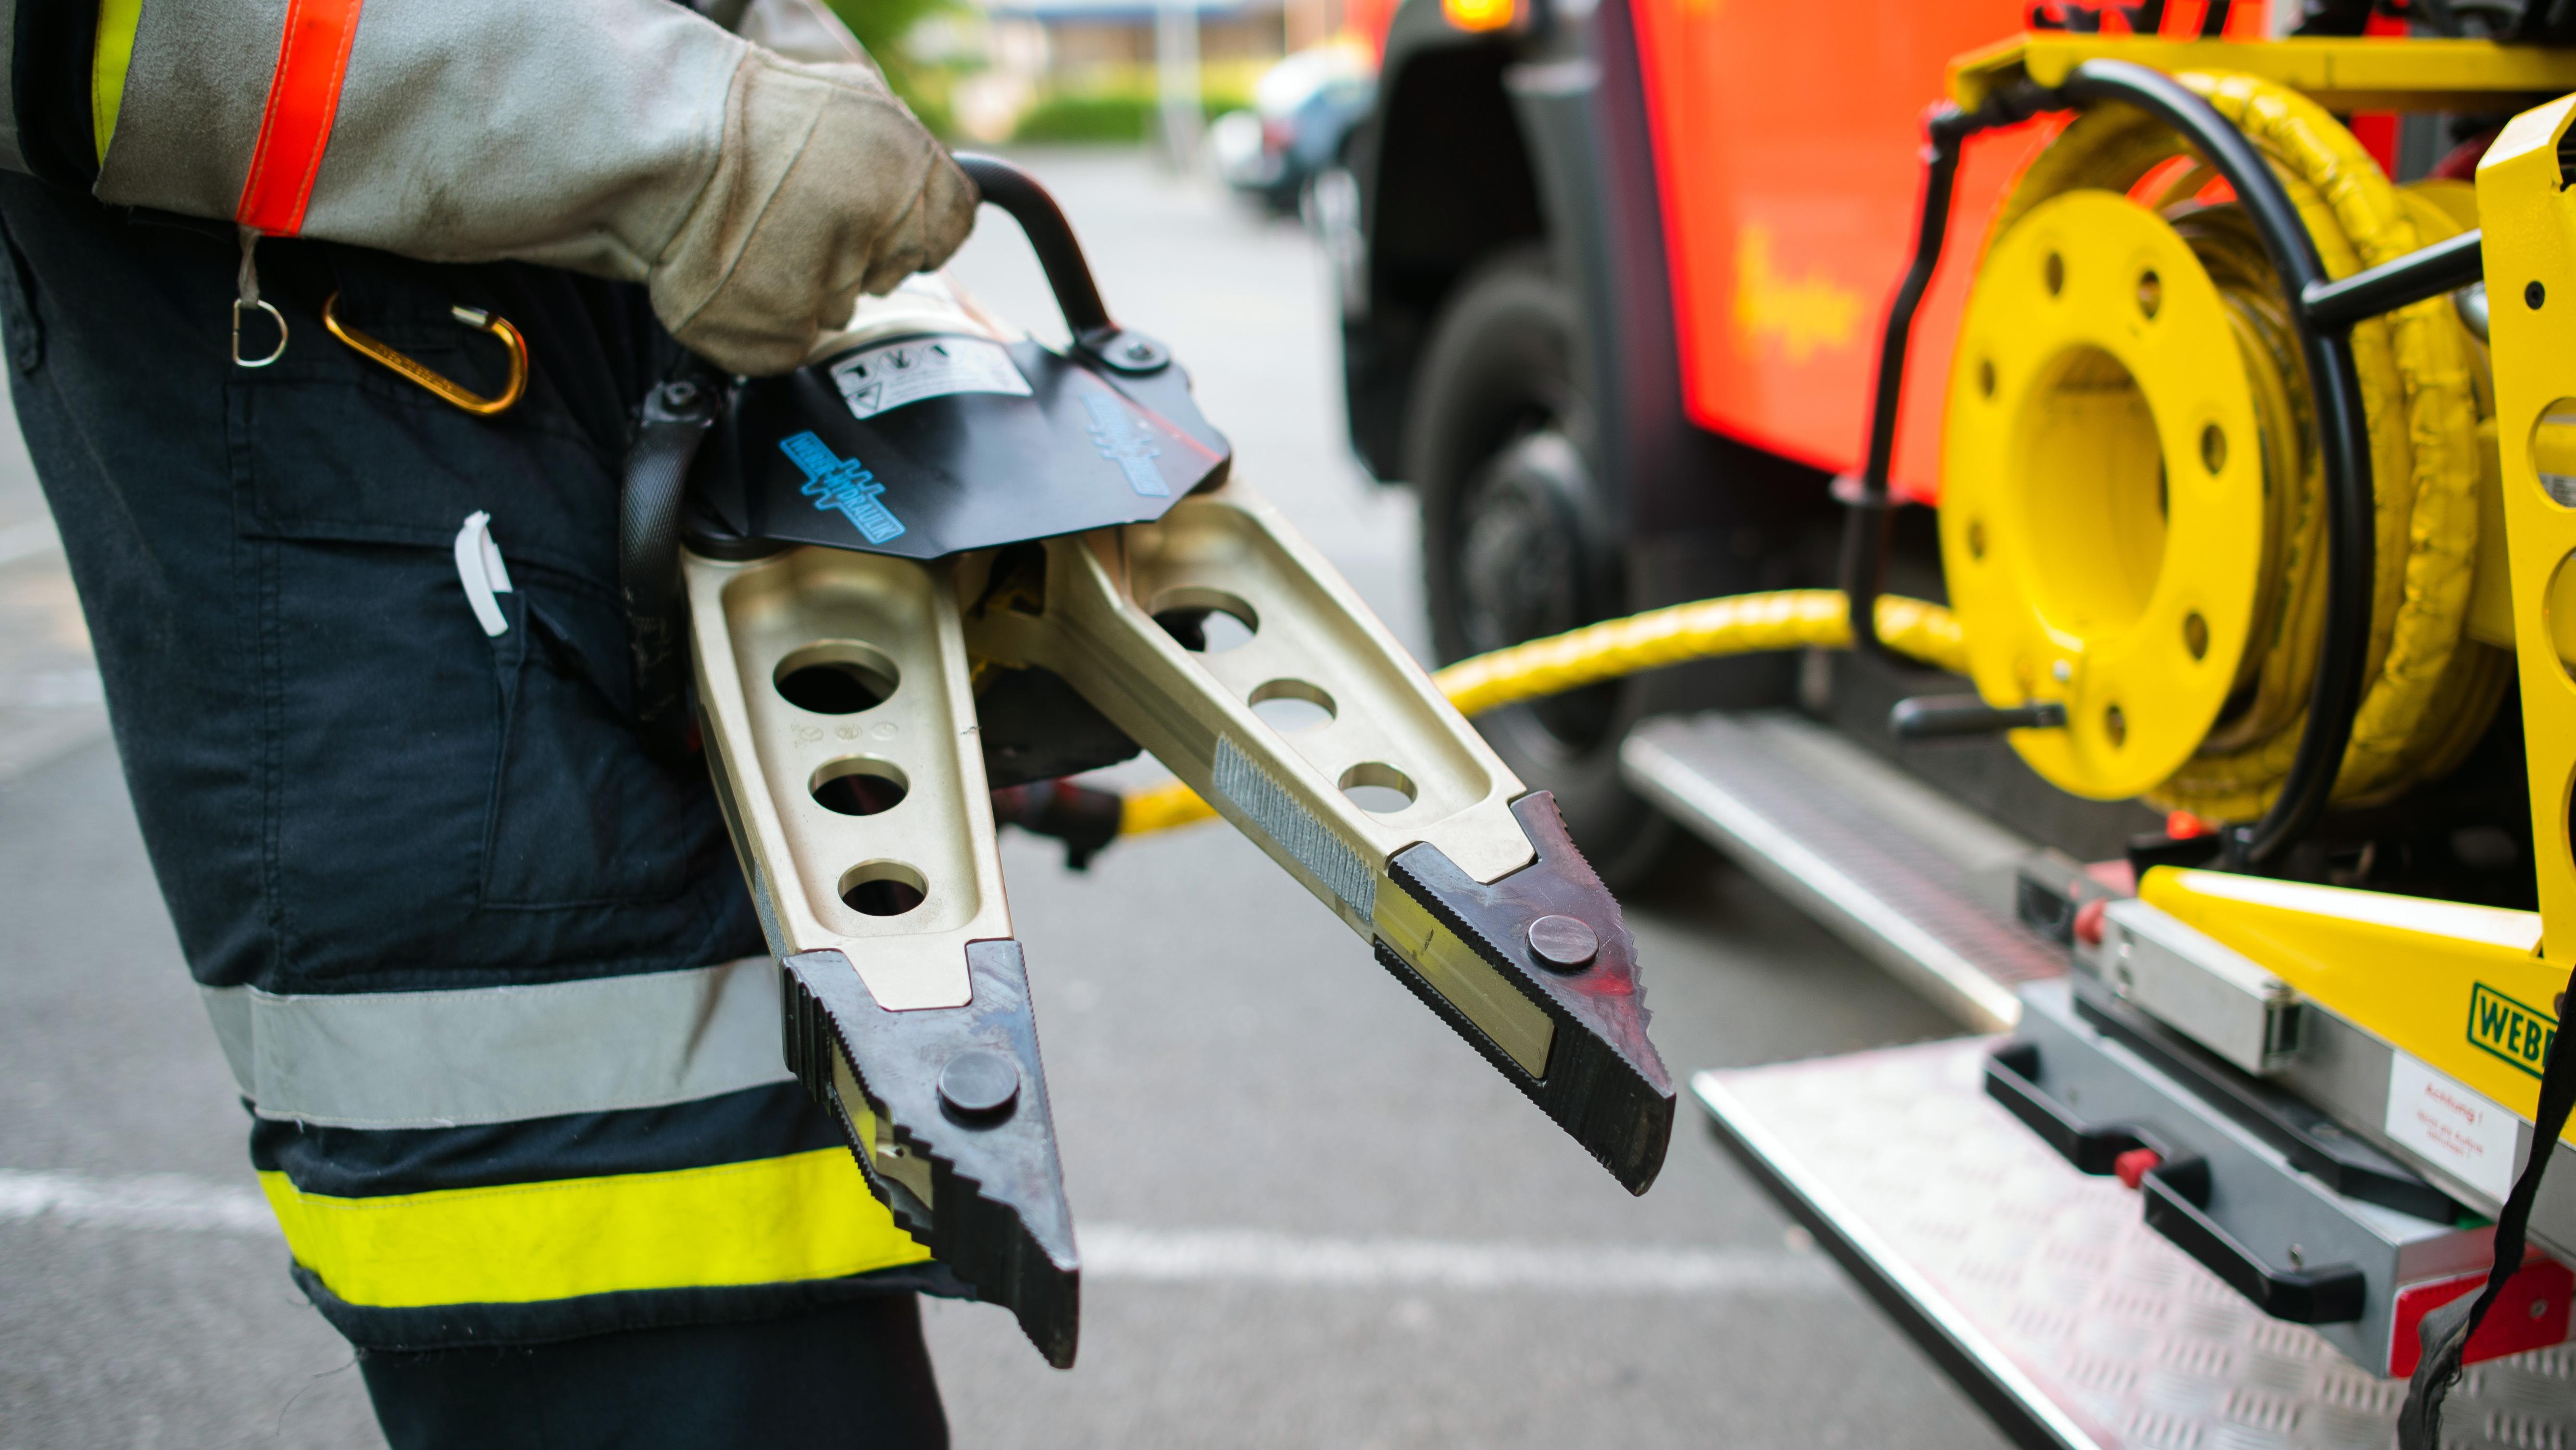 Ein Feuerwehrmann hält einen Rettungsspreizer in den Händen (Symbolbild).